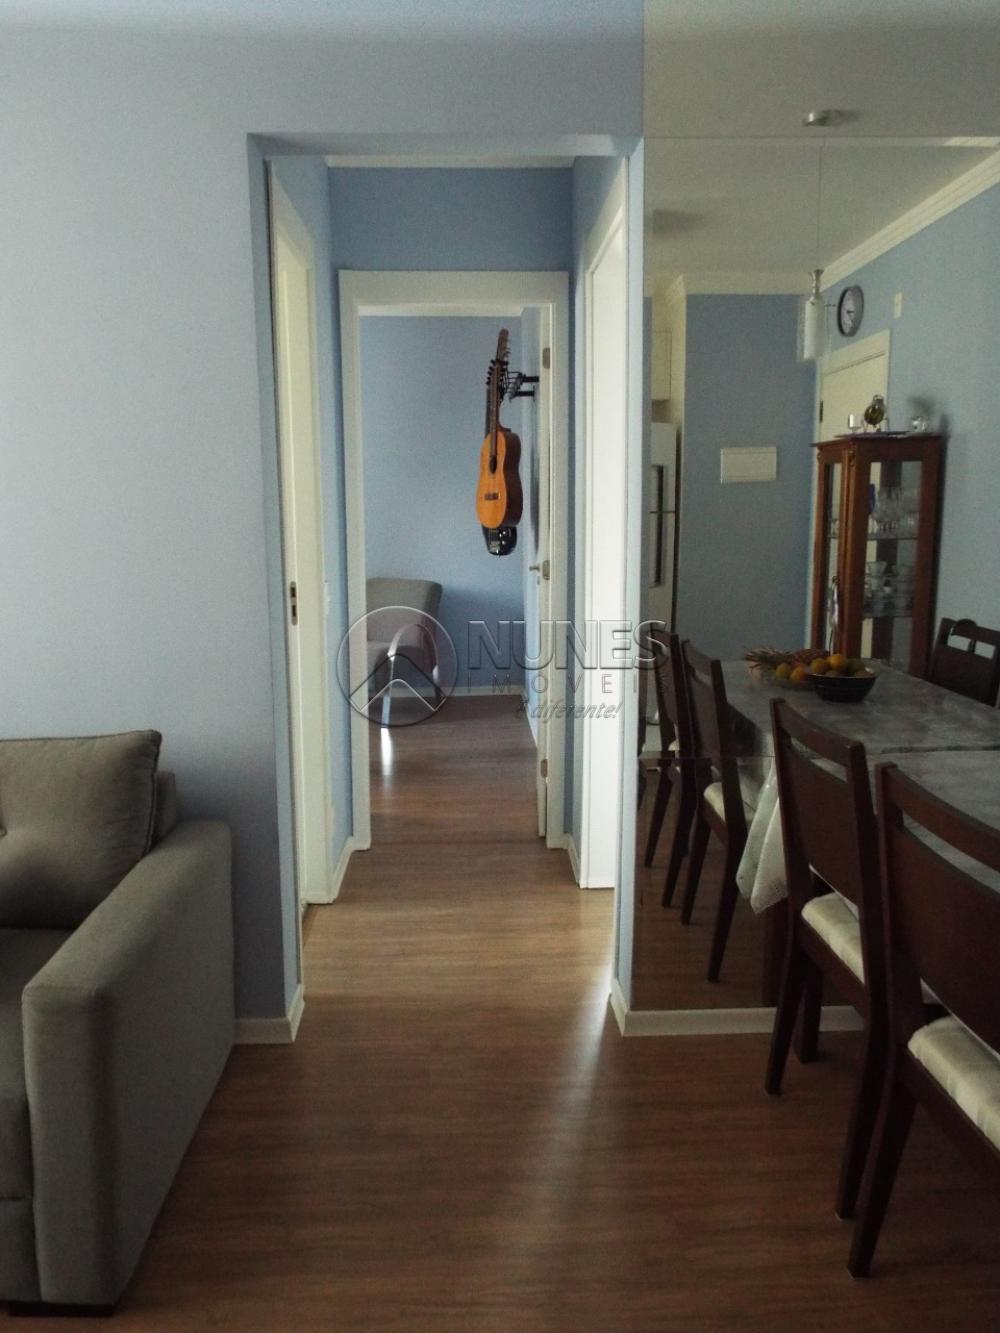 Comprar Apartamento / Padrão em Barueri apenas R$ 275.000,00 - Foto 2